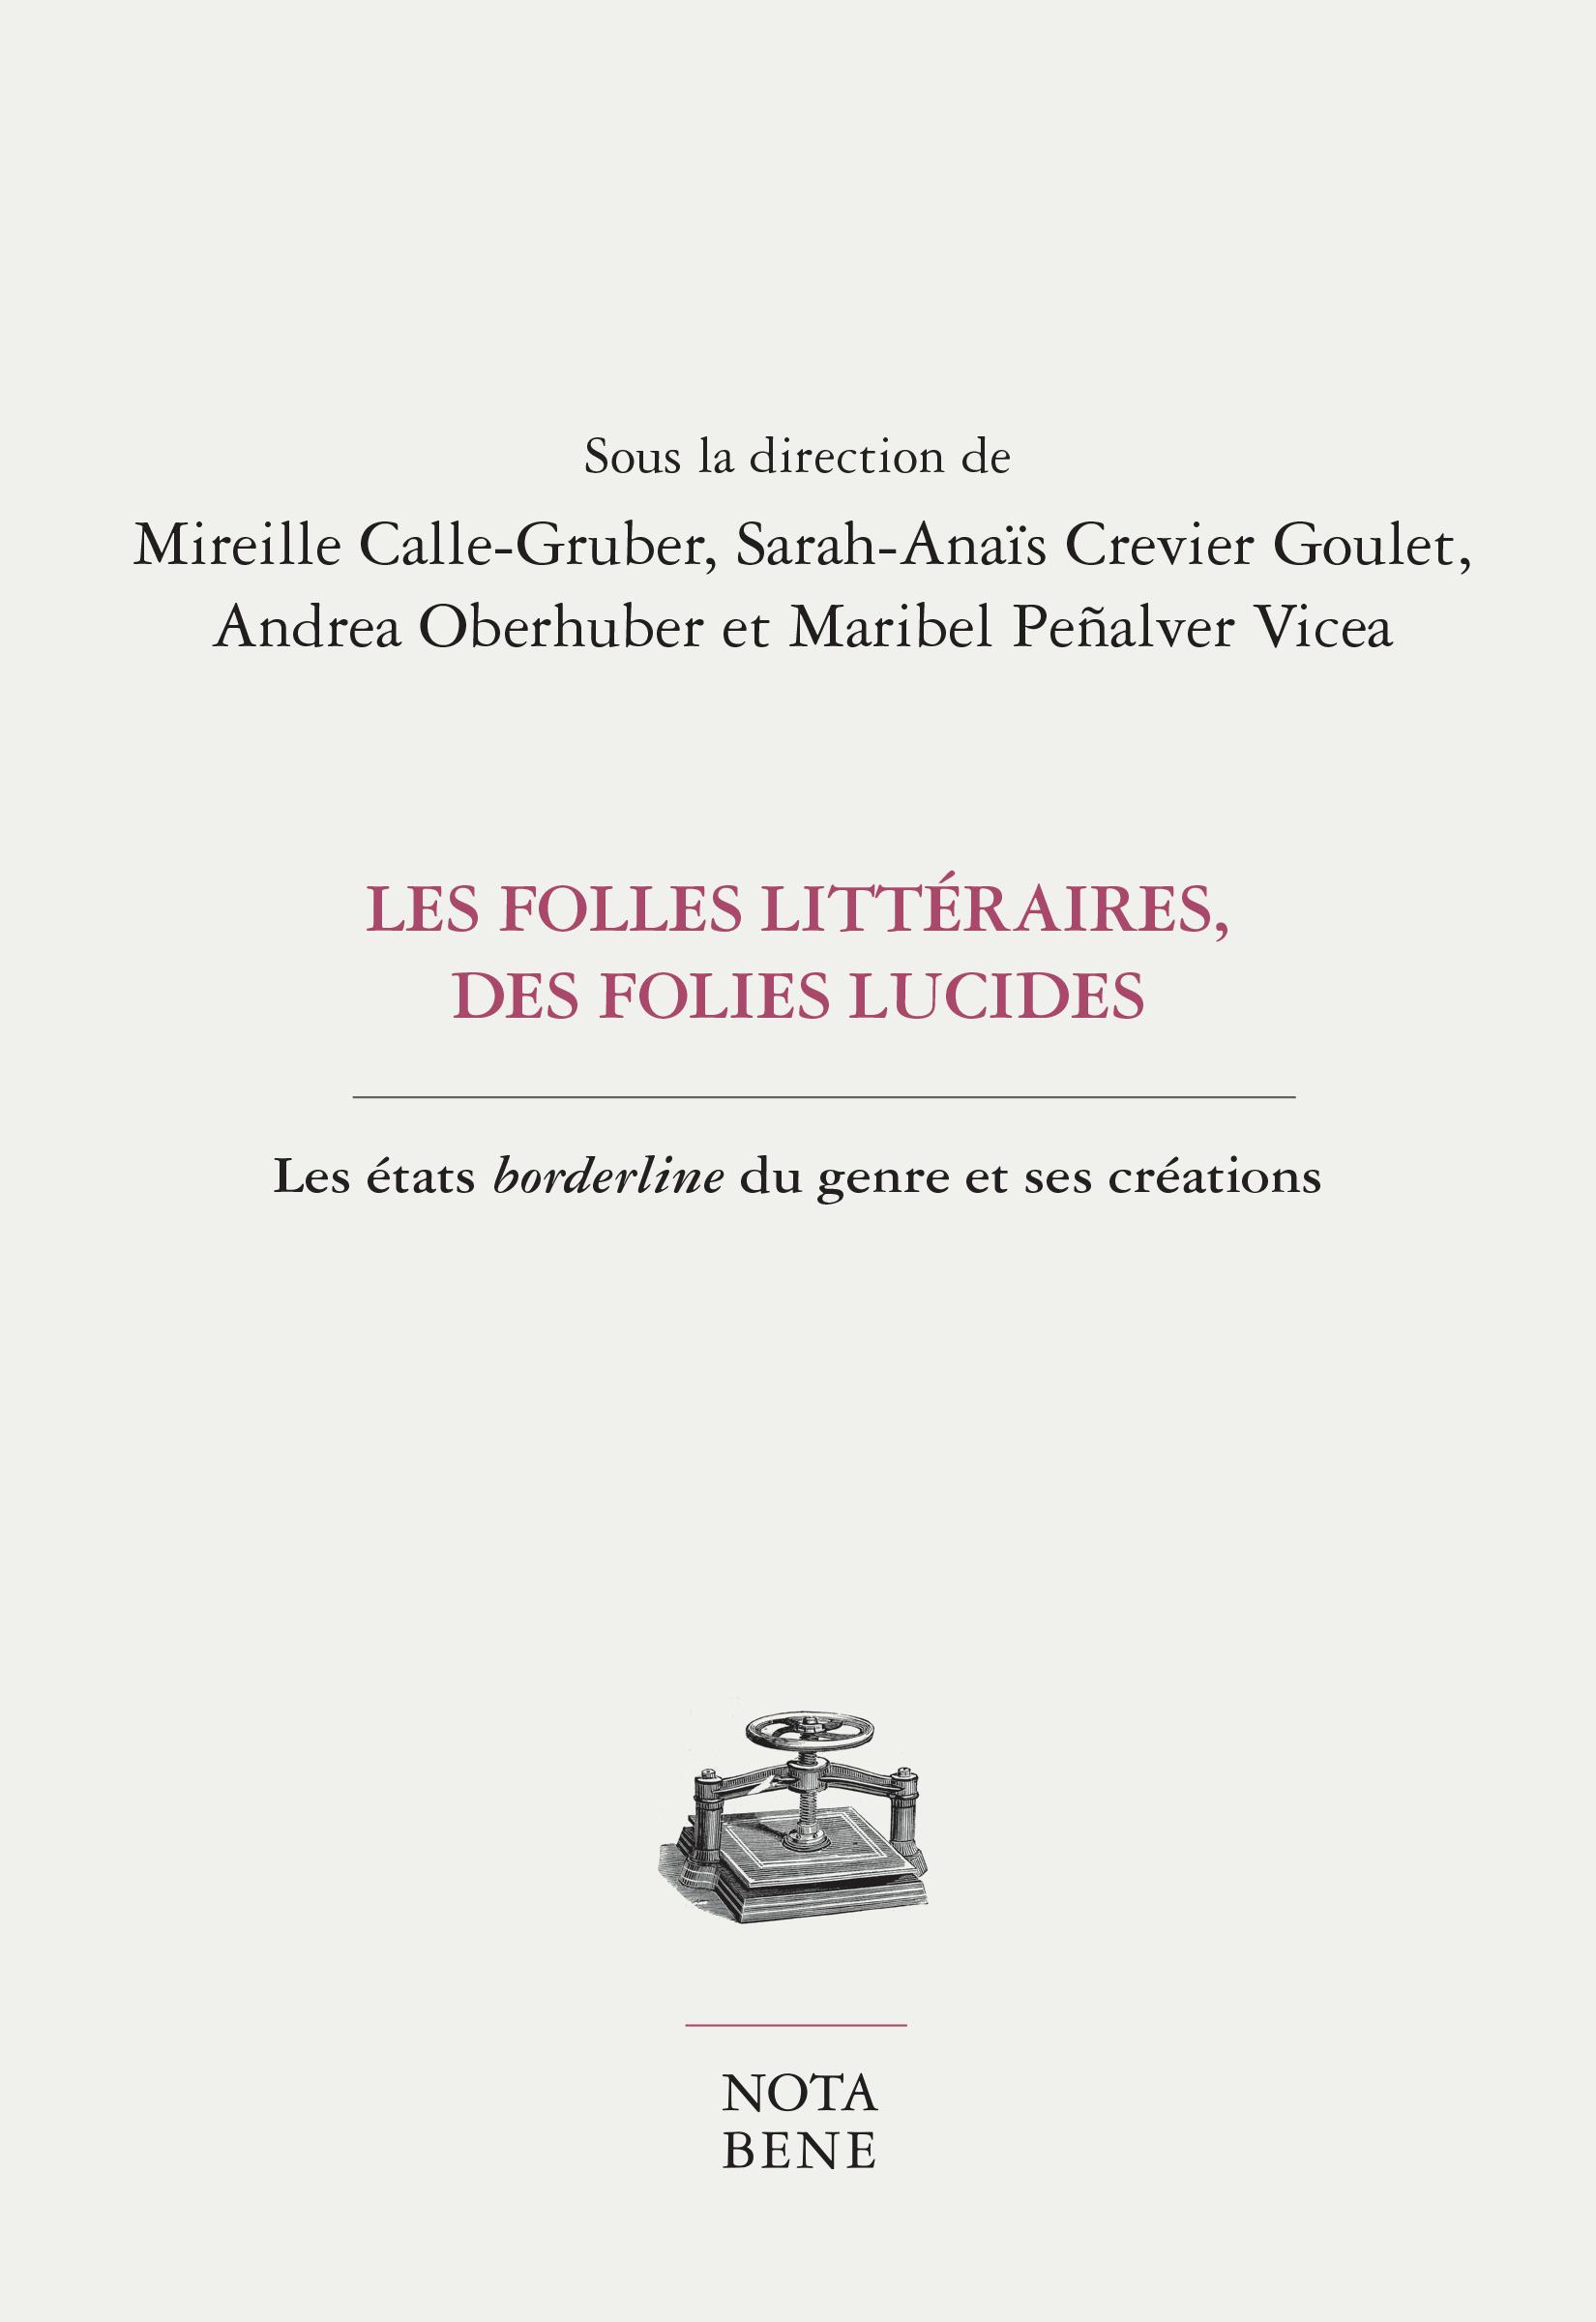 M. Calle-Gruber, S.-A. Crevier Goulet, A. Oberhuber, M. Peñalver Vicea (dir.), Folles littéraires : folies lucides. Les états borderline du genre et ses créations